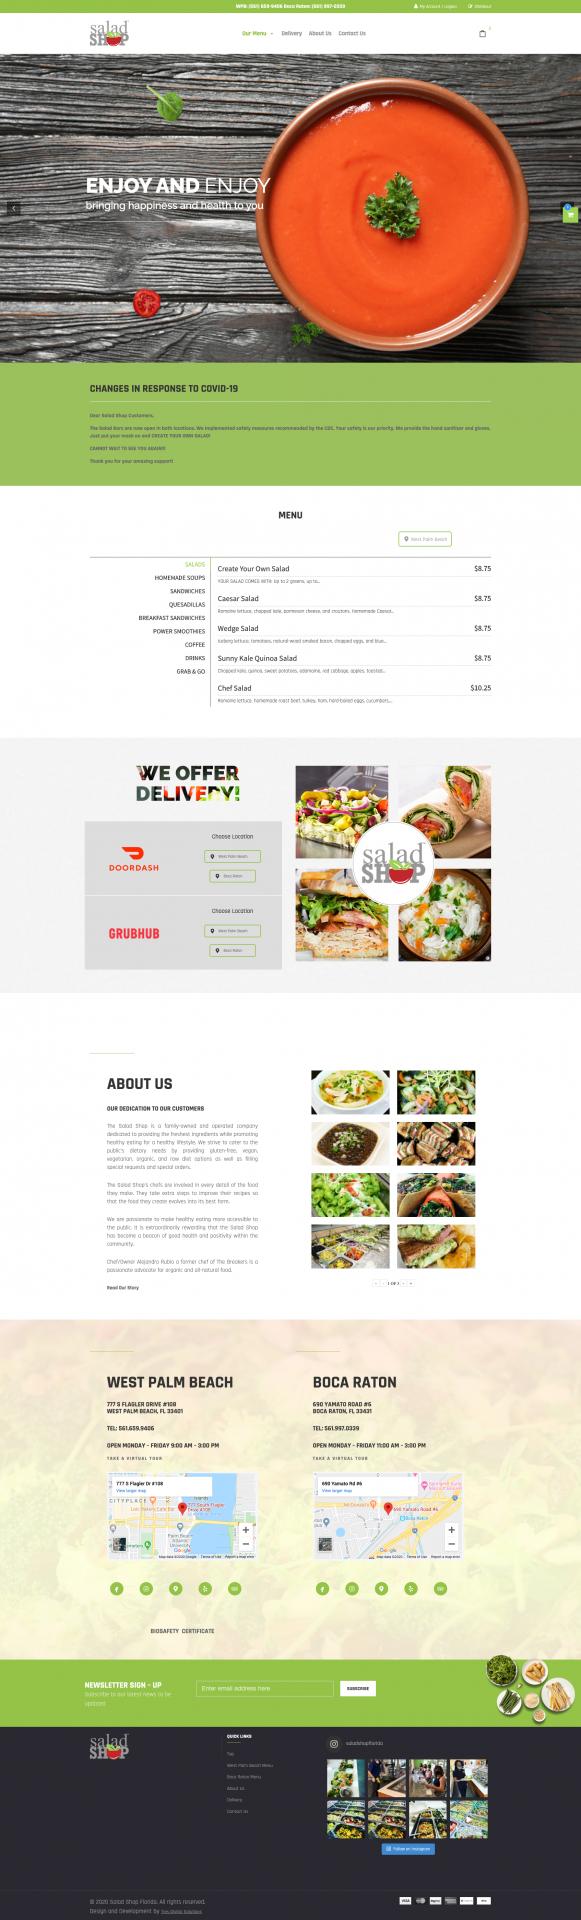 saladshopflorida.com